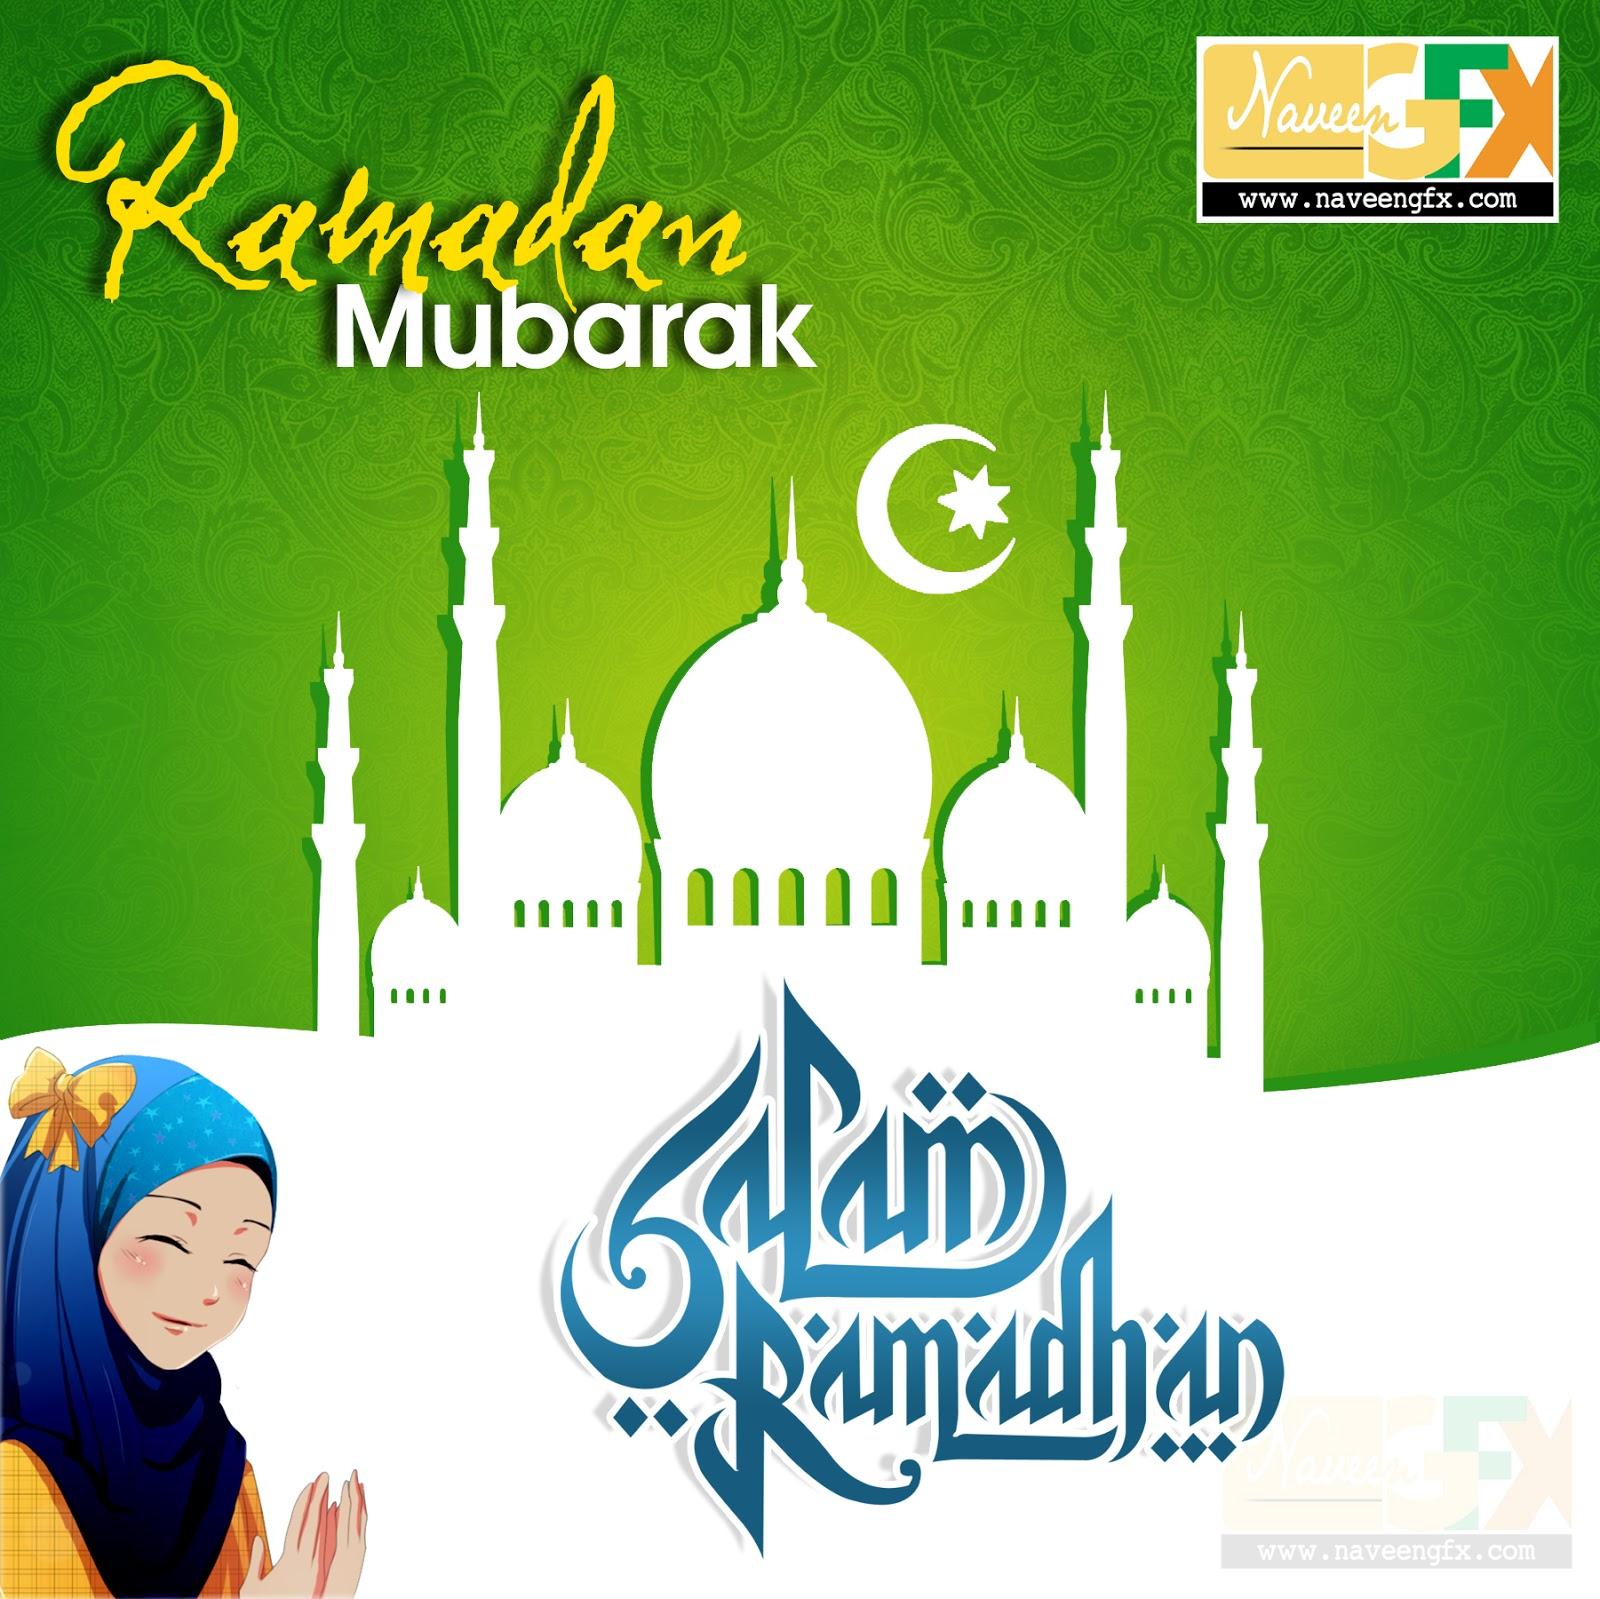 Ramadan Mubarak Hd Islamic Urdu Images Naveengfx